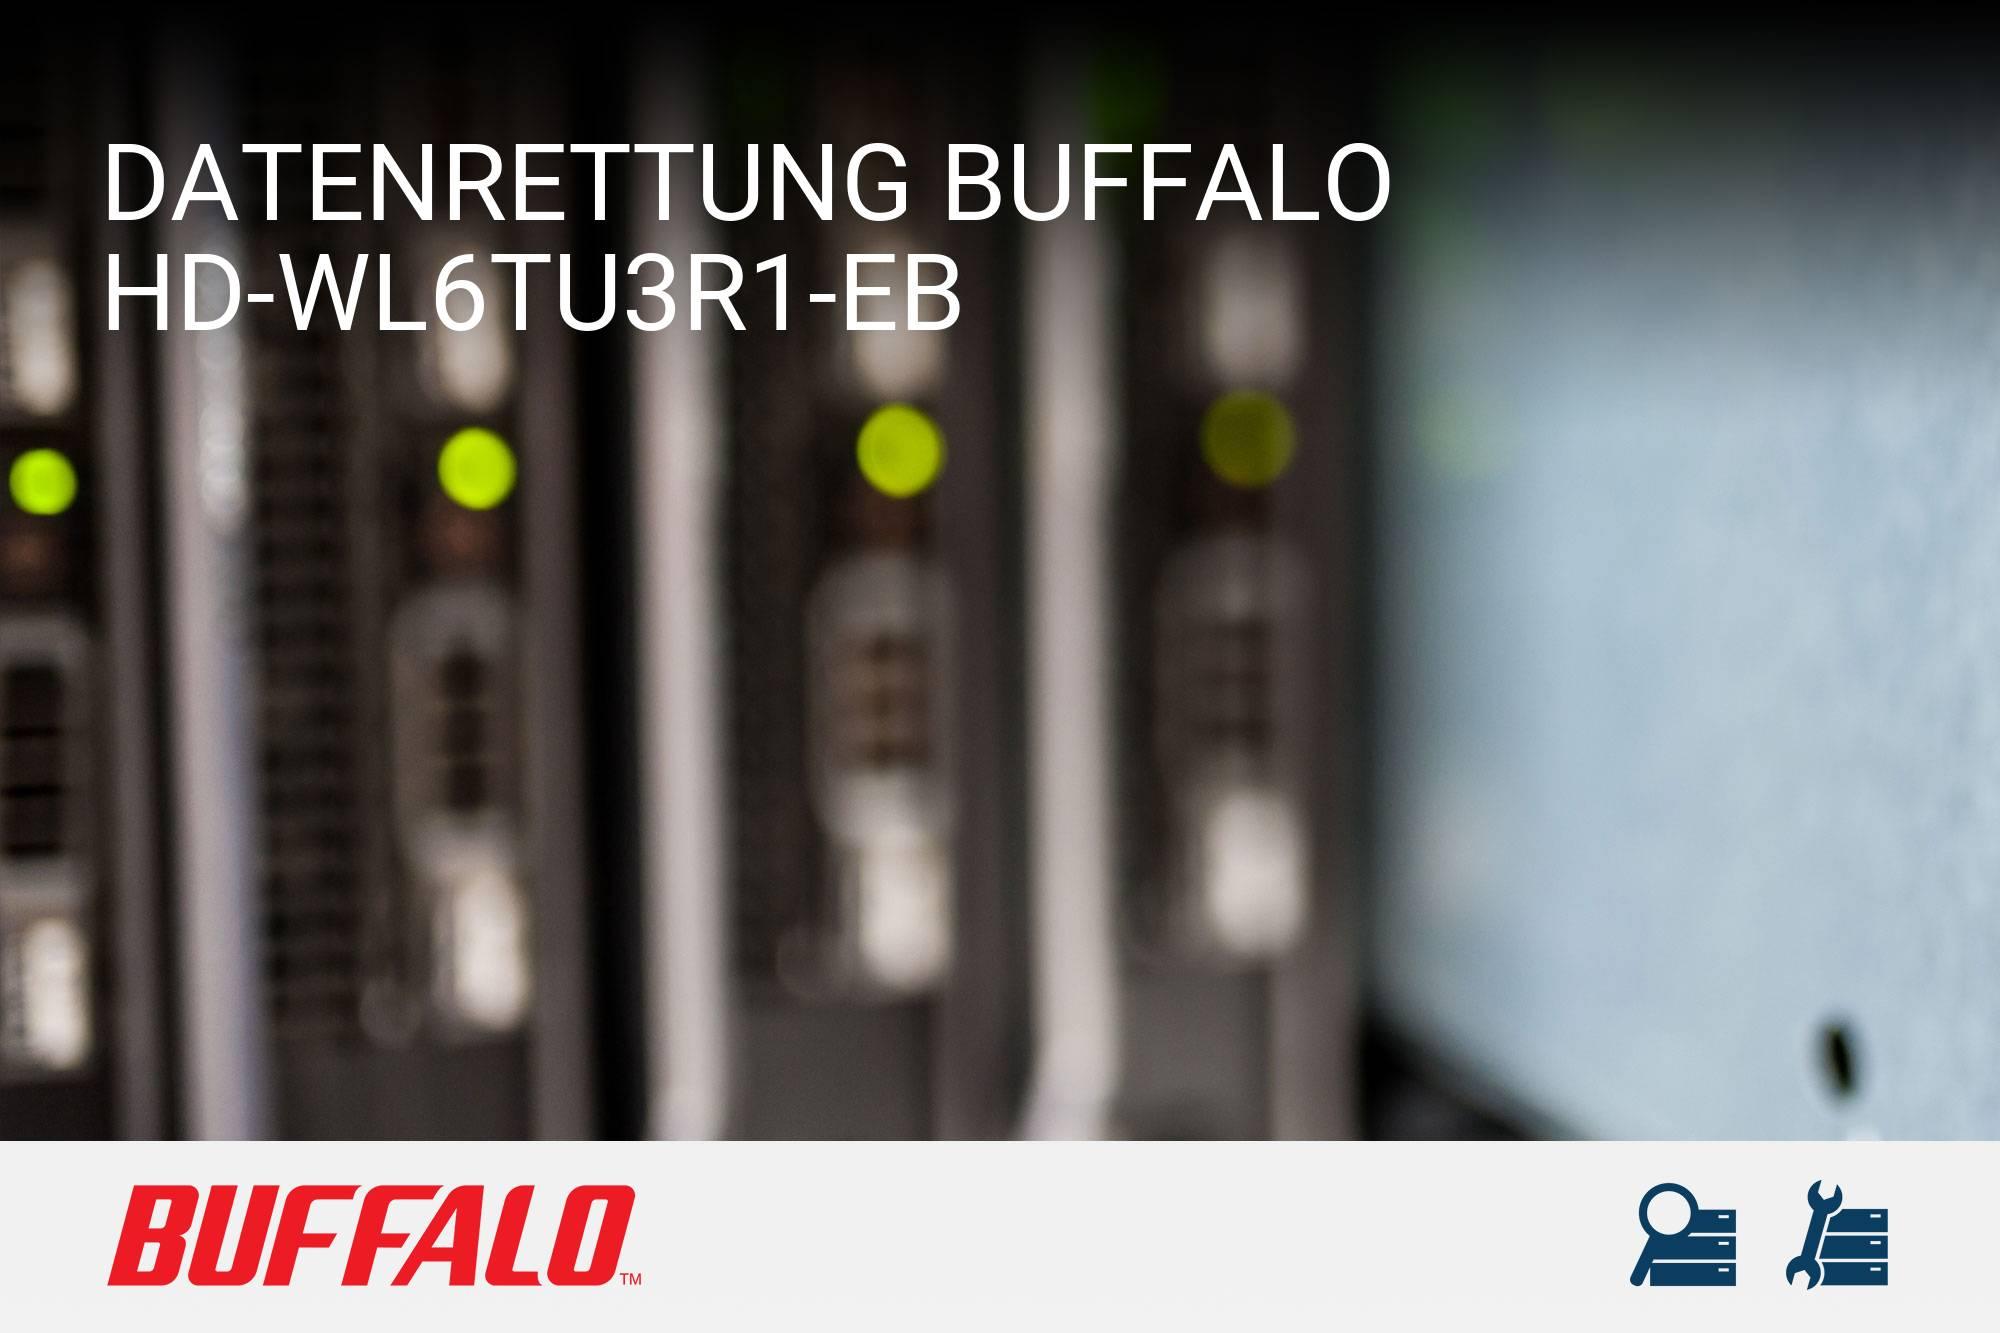 Buffalo HD-WL6TU3R1-EB